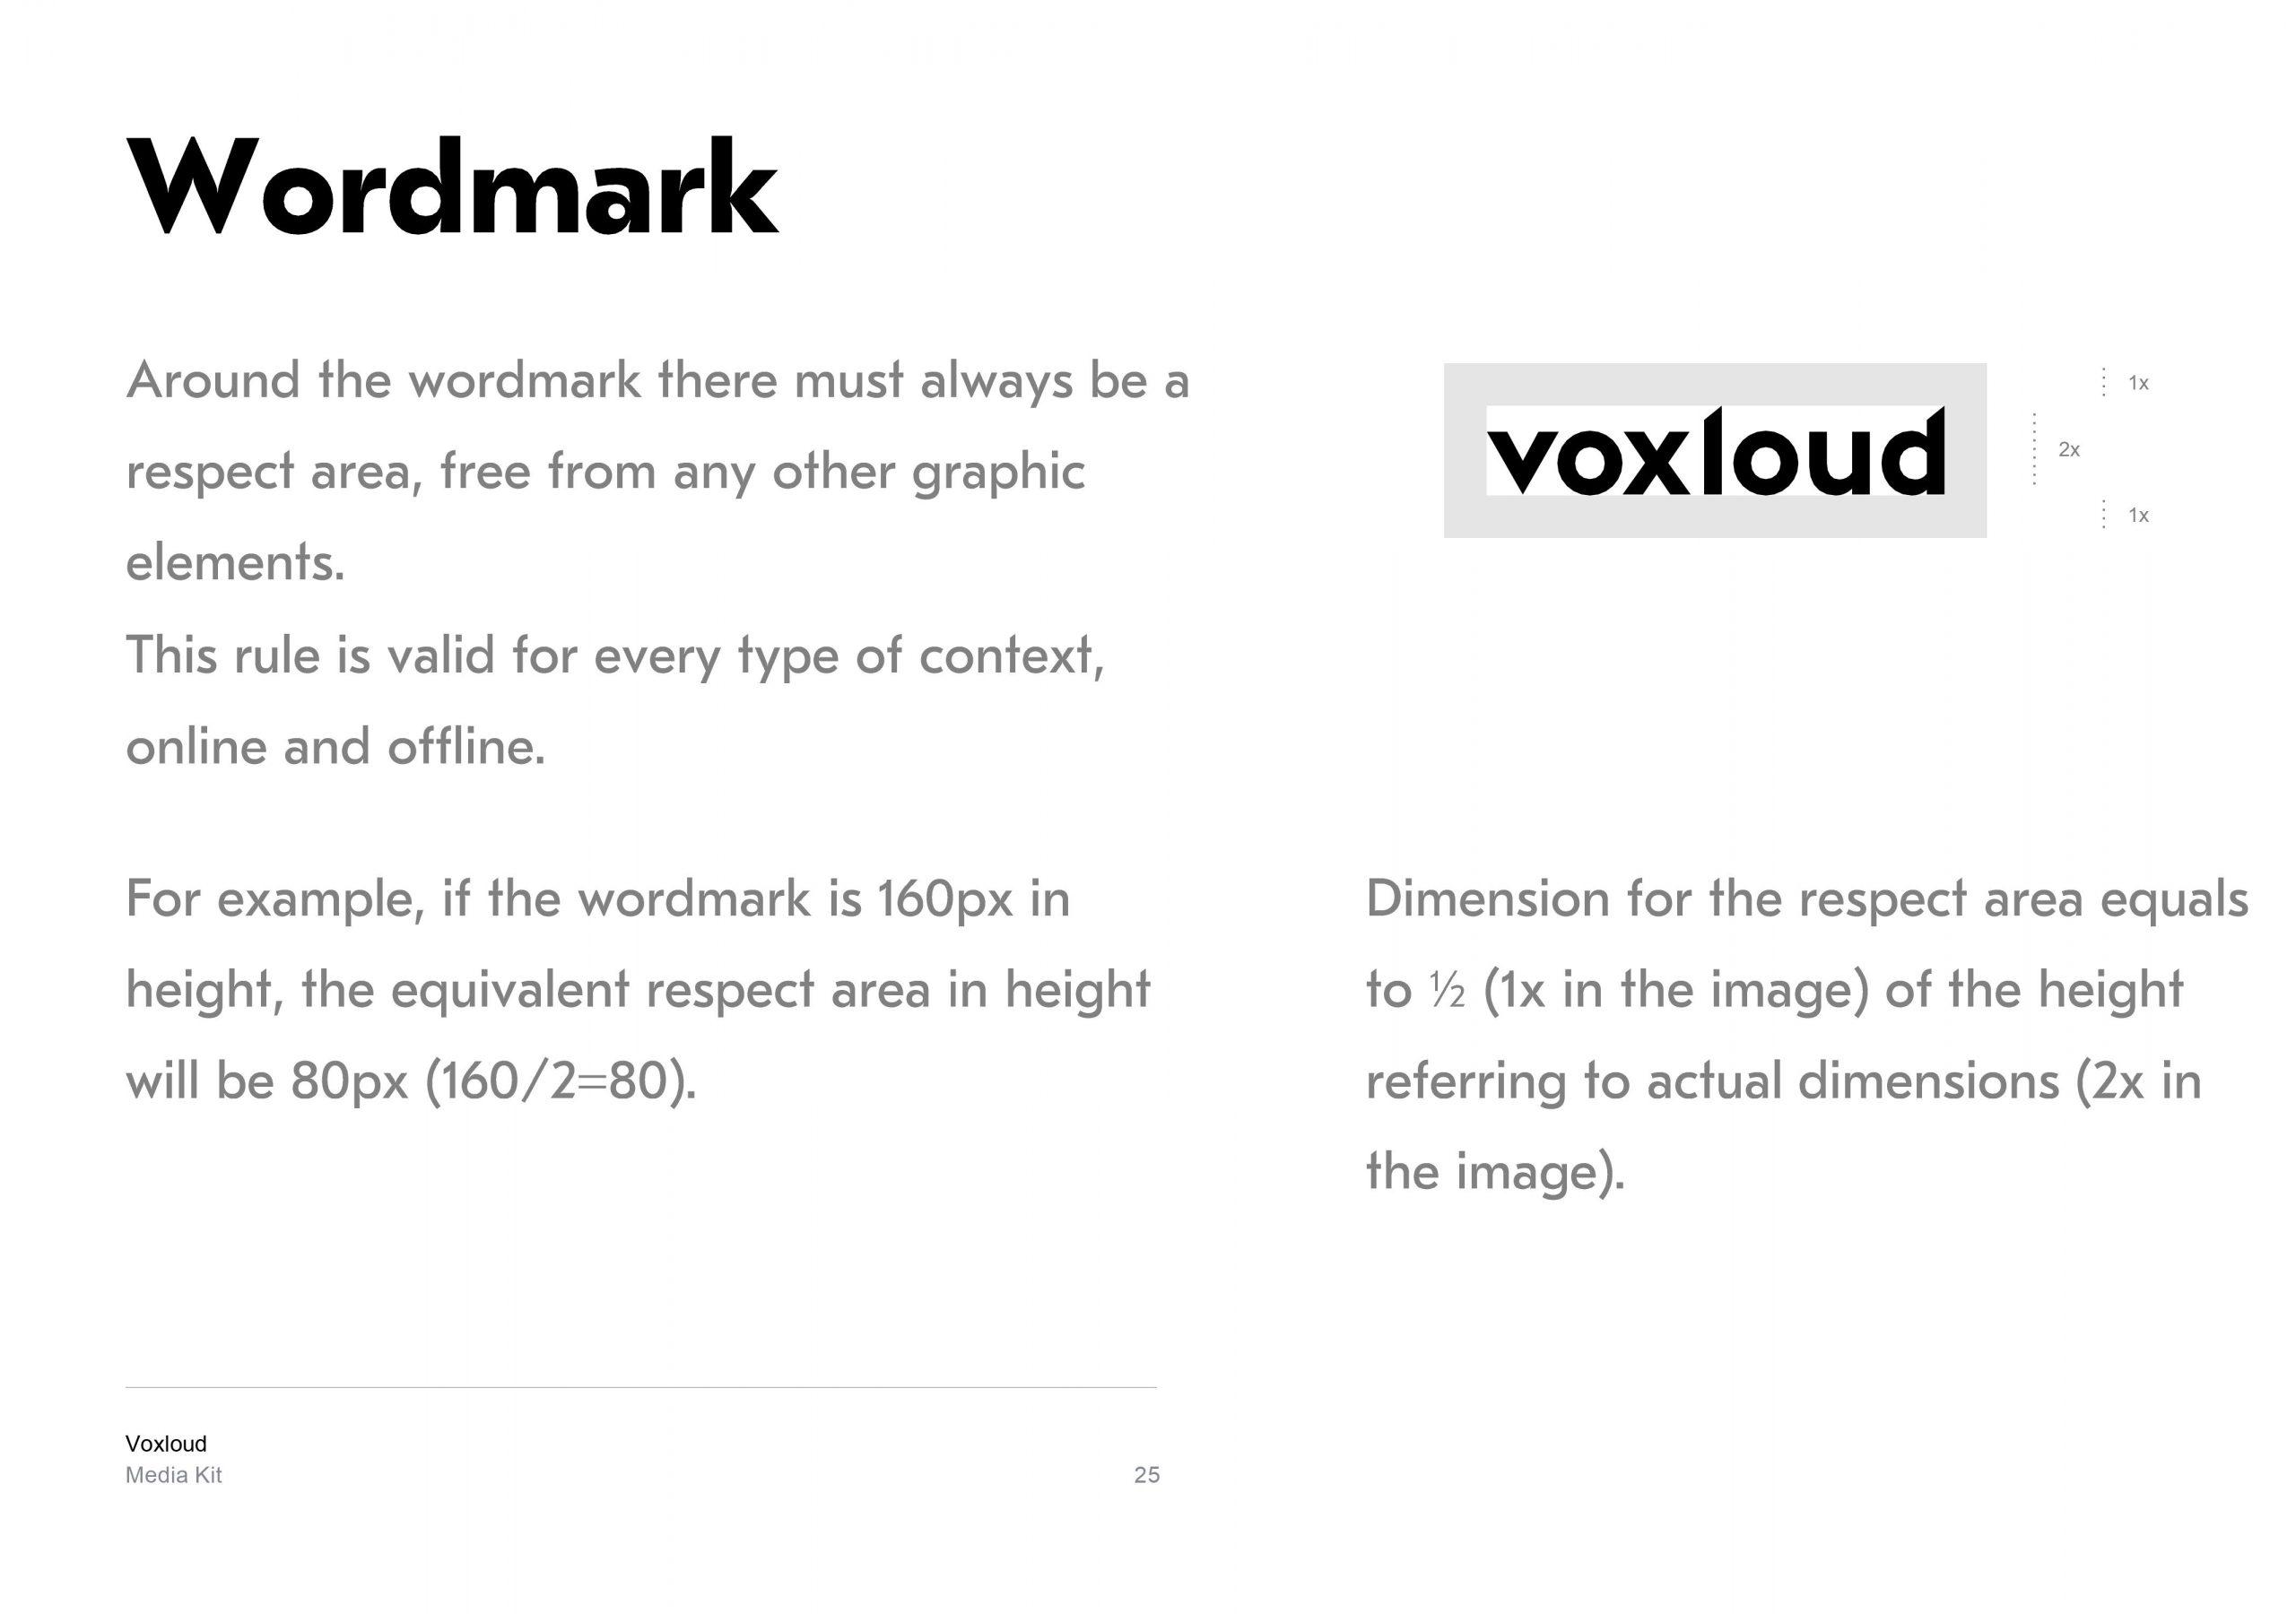 Voxloud Media Kit_25